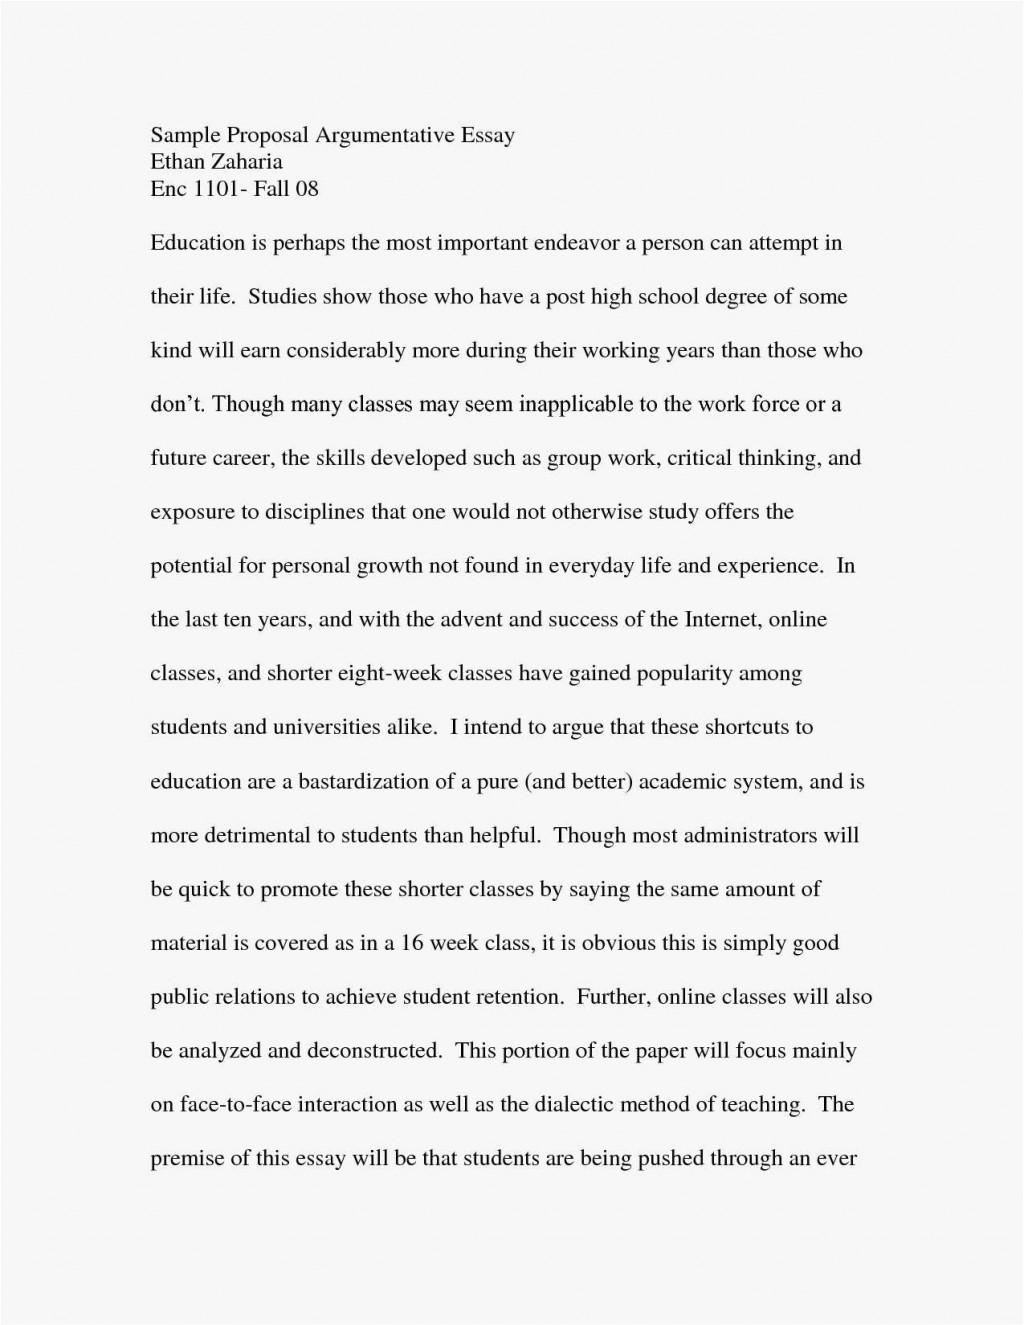 007 Racism Argumentative Essay Unique Proposal Arguments Model Essays About Of On Unbelievable In Schools Best Large